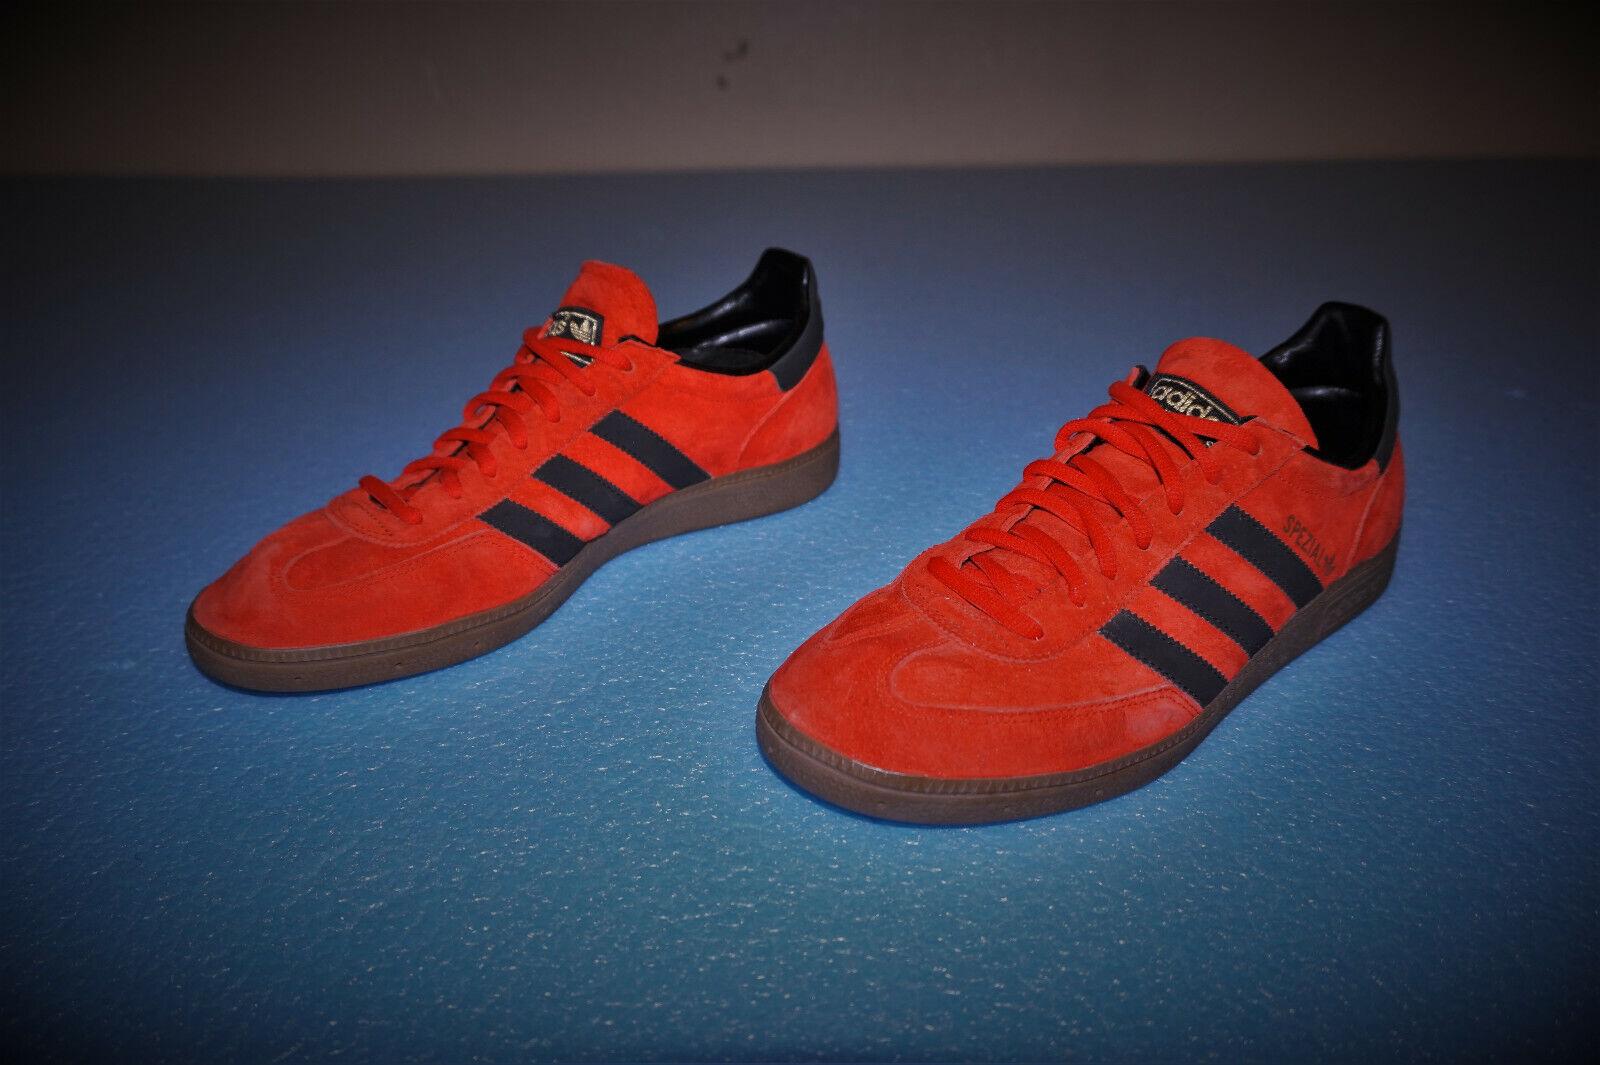 1389a7be Premium Handball Spezial Caminar Zapatillas Zapatos entrenamiento para  Hombres de Adidas nsraej3325-Zapatillas deportivas